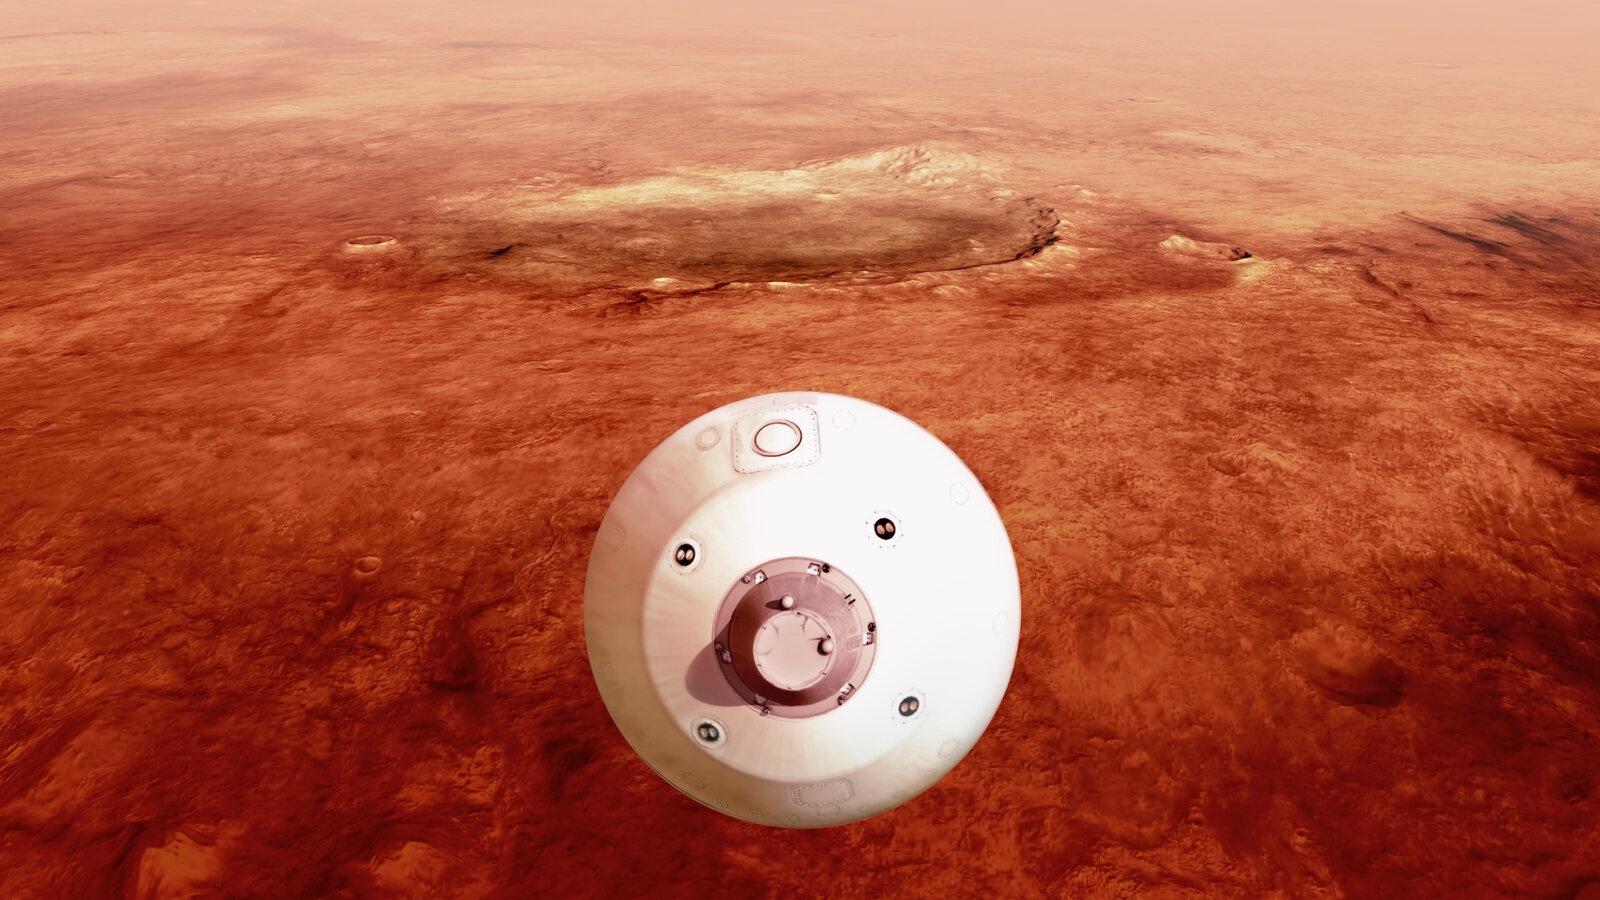 NASA công bố hình ảnh chưa từng có về Hỏa tinh